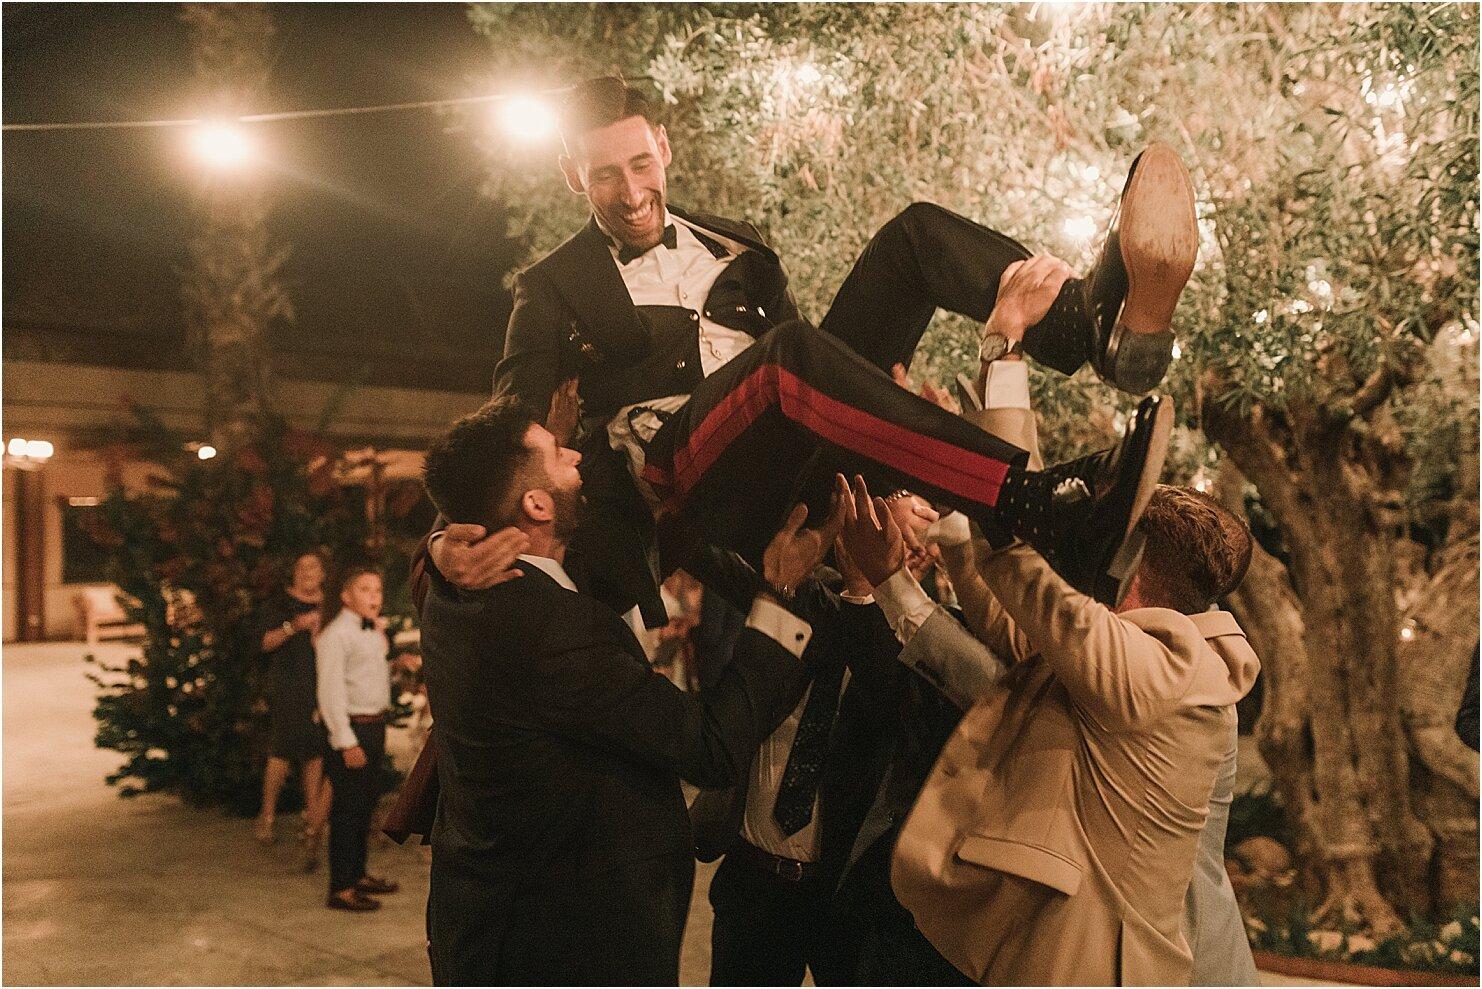 boda-romantica-boda-boho-vestido-de-novia-laura-lomas58.jpg